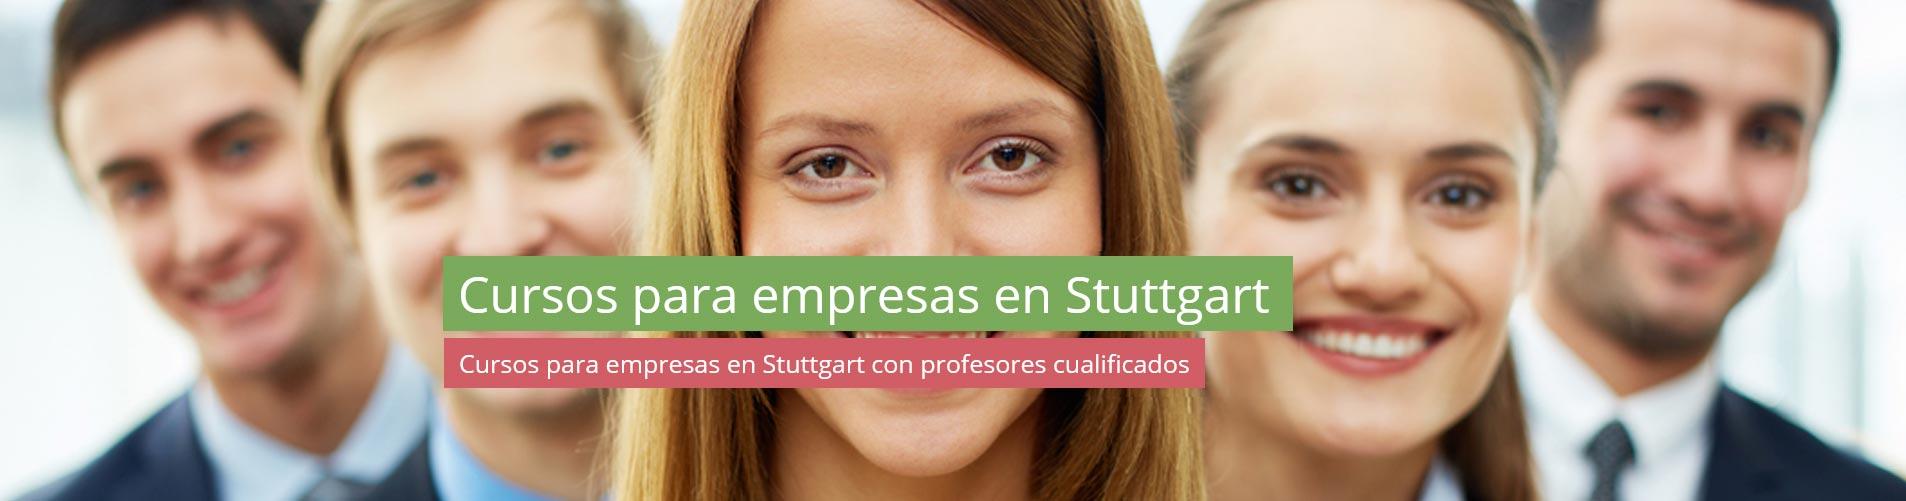 Escuela de idiomas para aprender alemán en Stuttgart